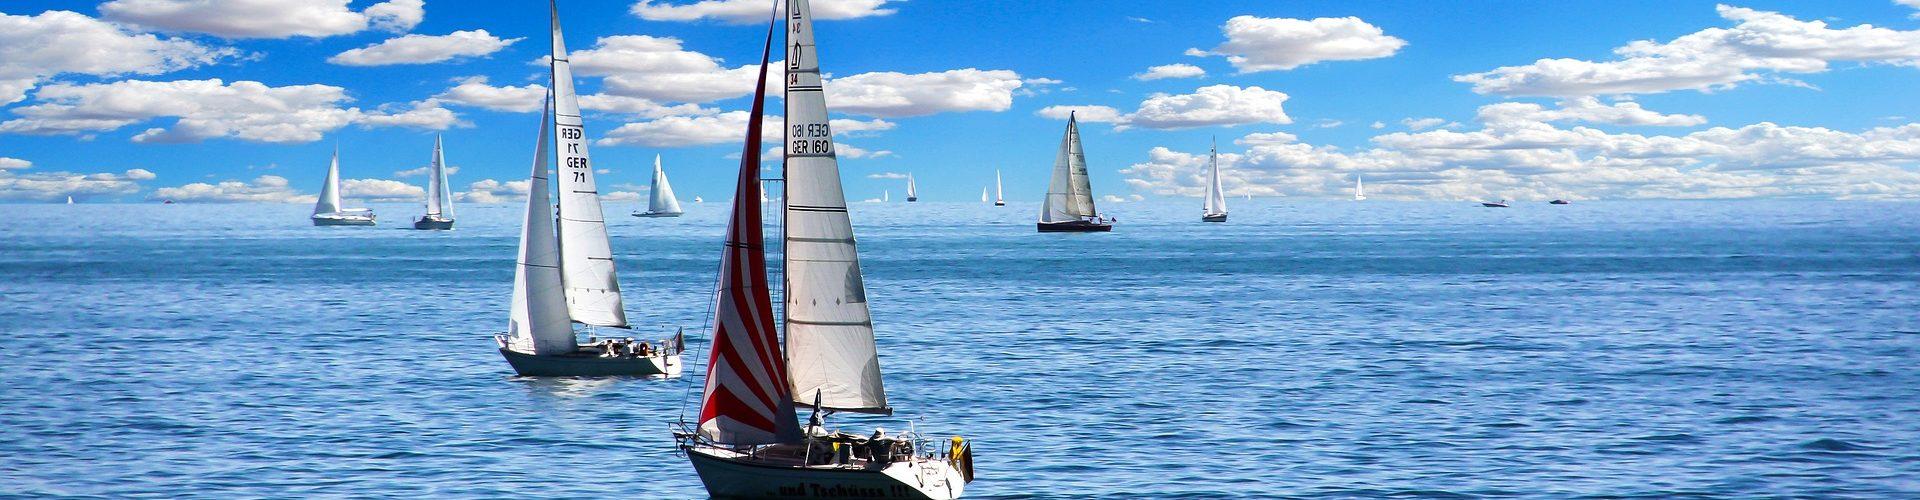 segeln lernen in Weinheim segelschein machen in Weinheim 1920x500 - Segeln lernen in Weinheim